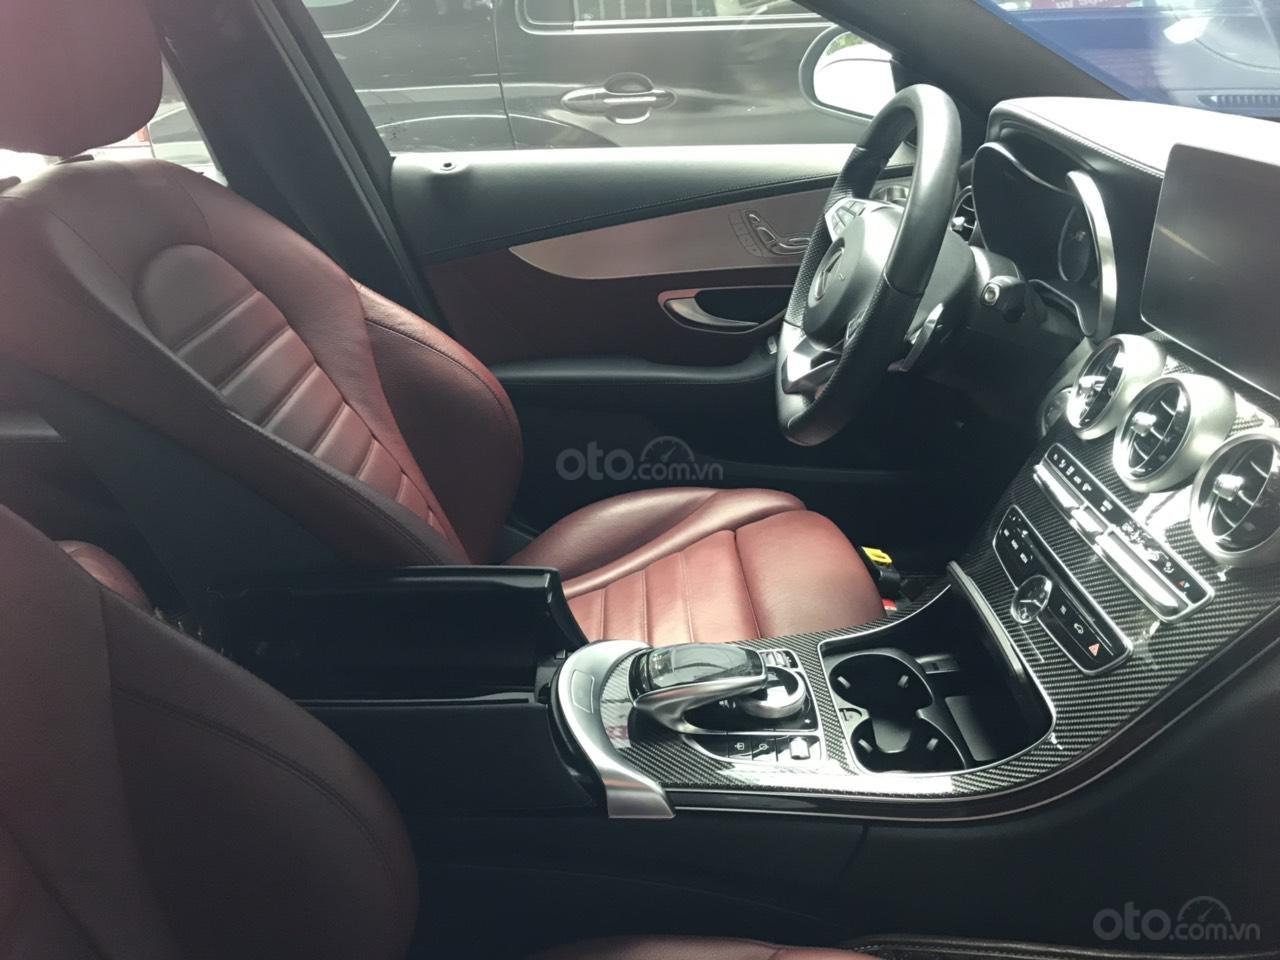 Mercedes C300 AMG 2018 số tự động 9 cấp-3